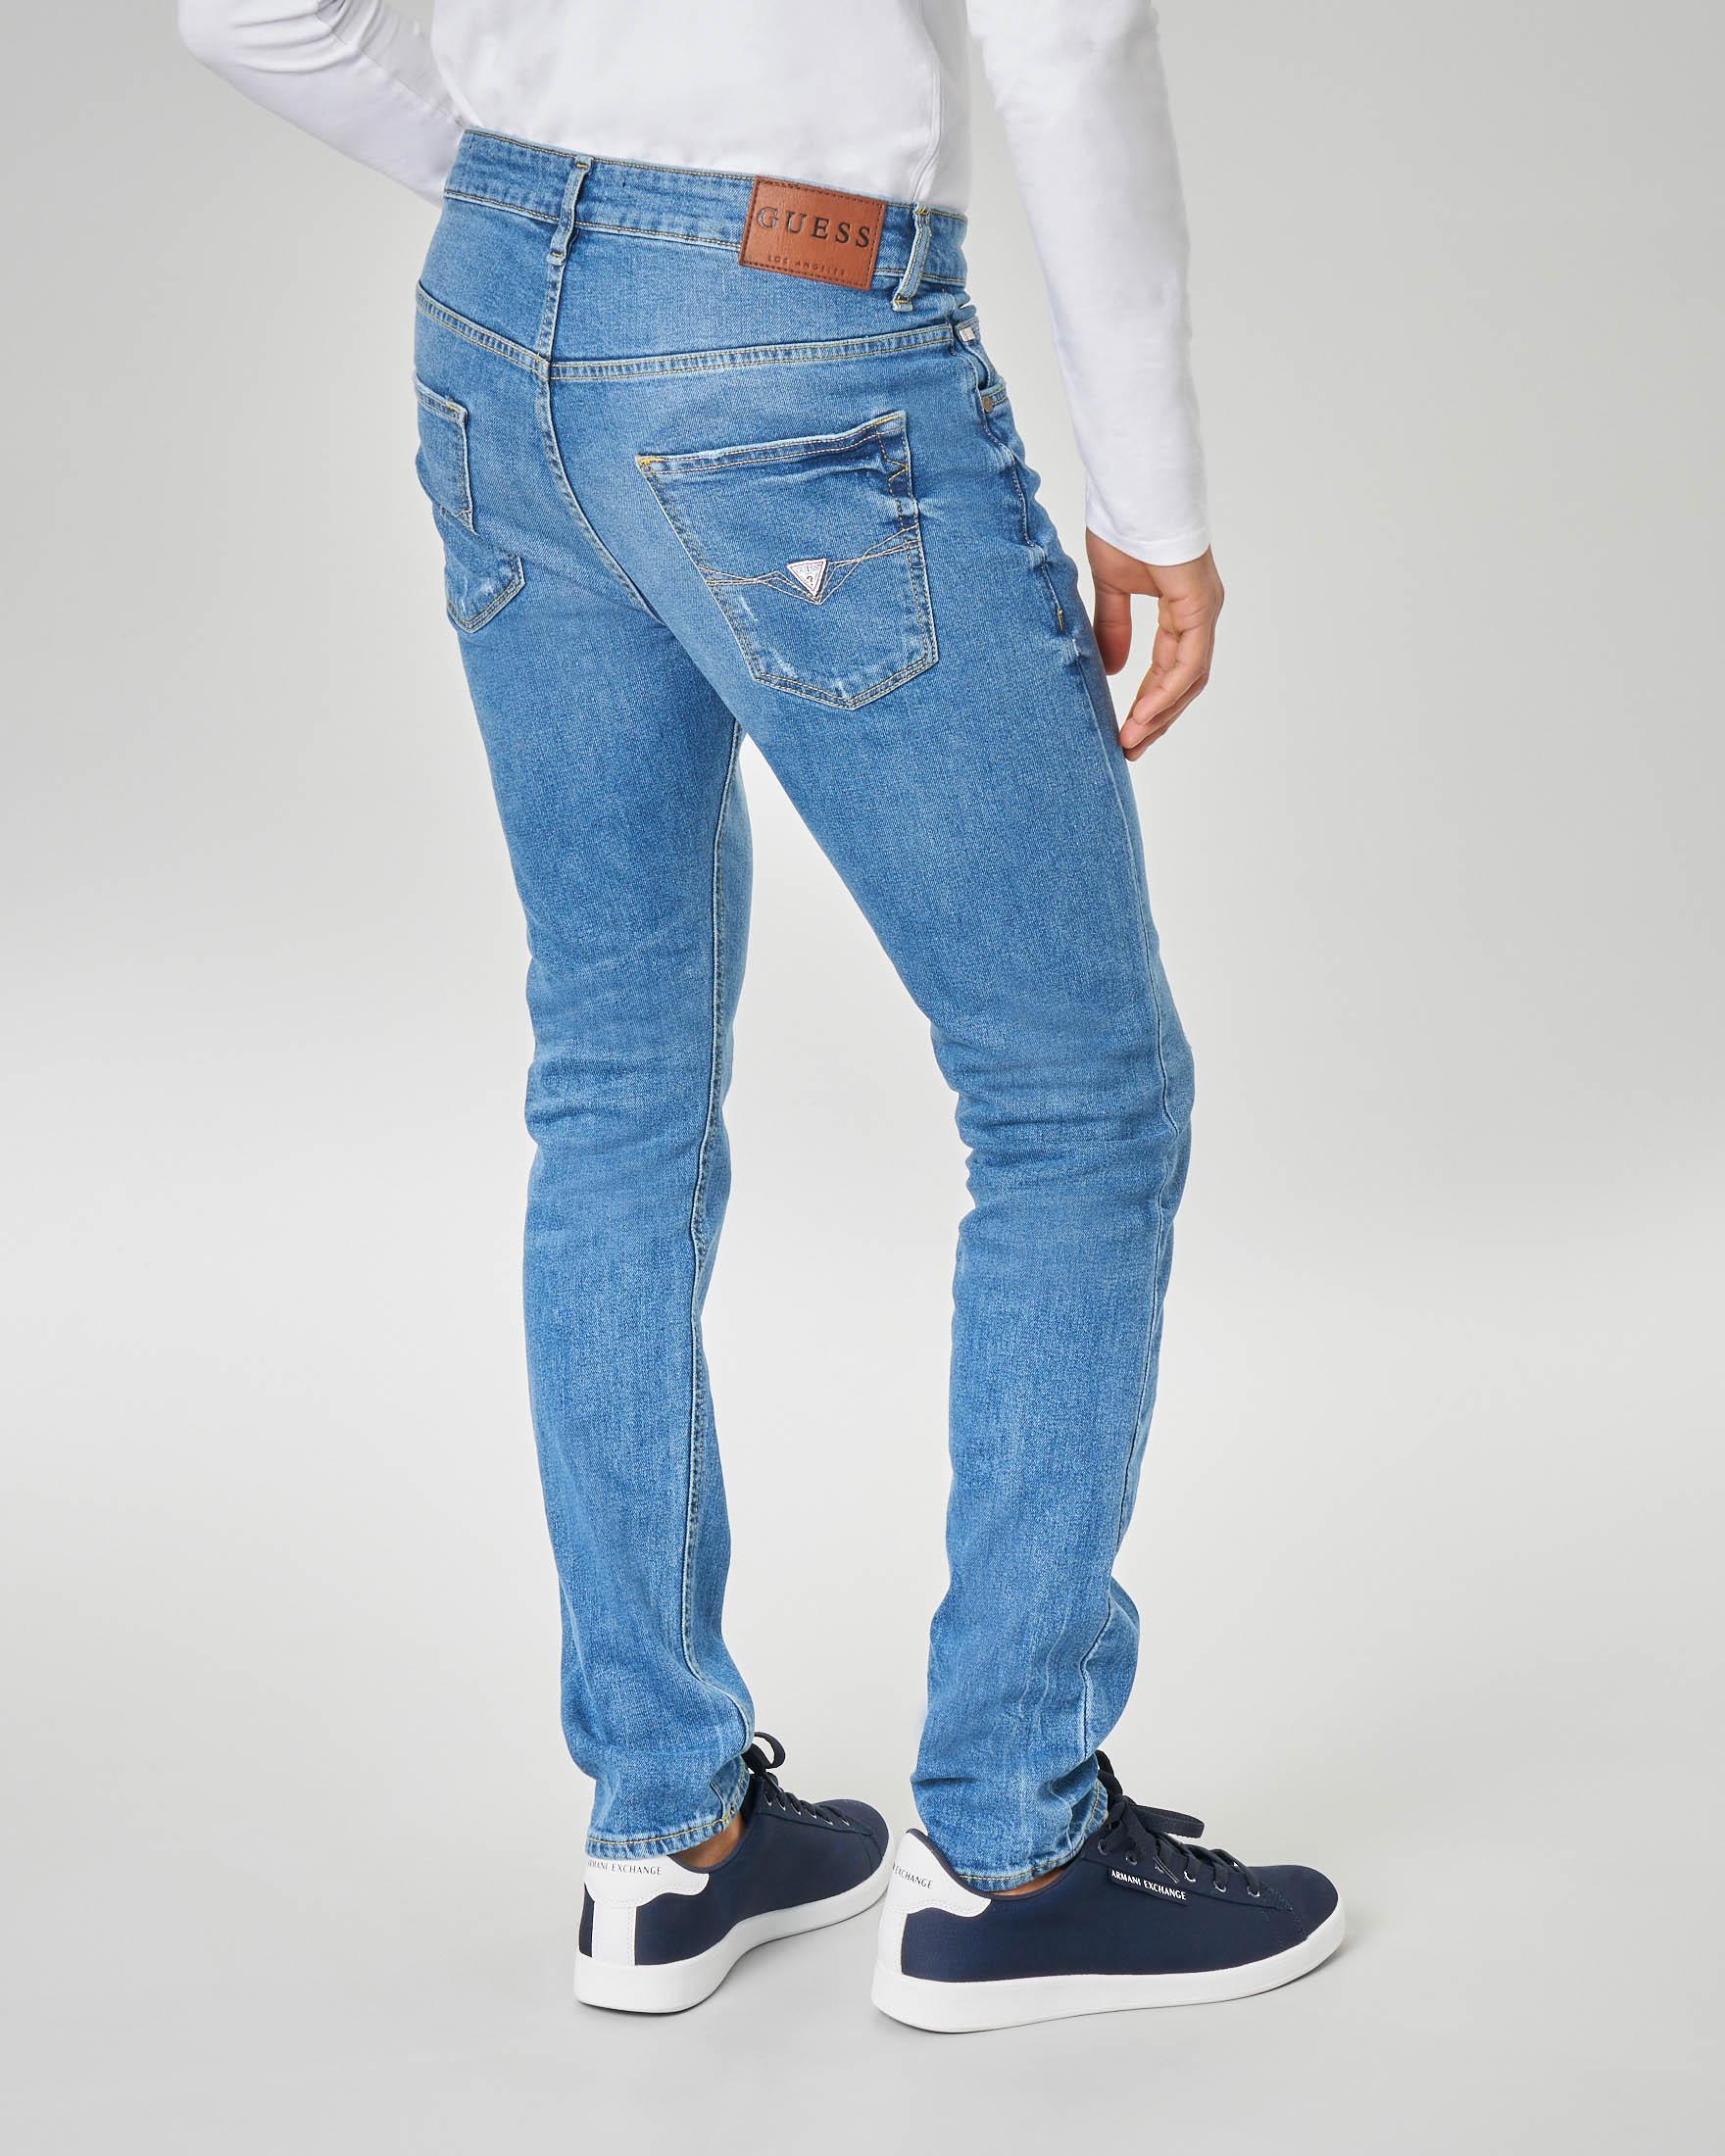 Jeans skinny lavaggio super stone wash